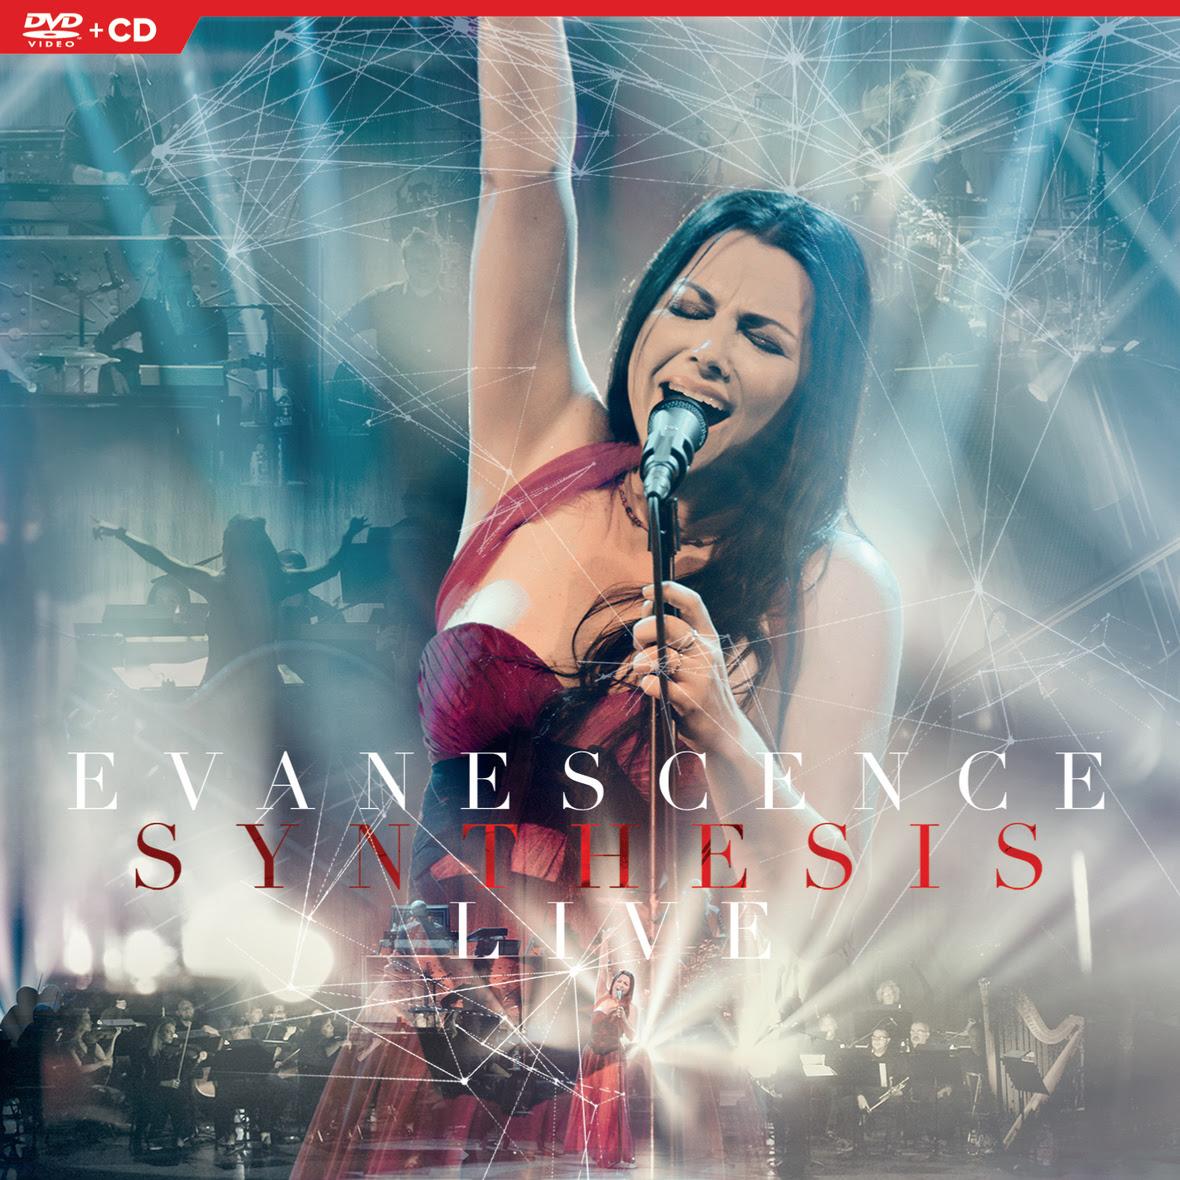 EAGDV097 DVD CD Evanescence Live HR